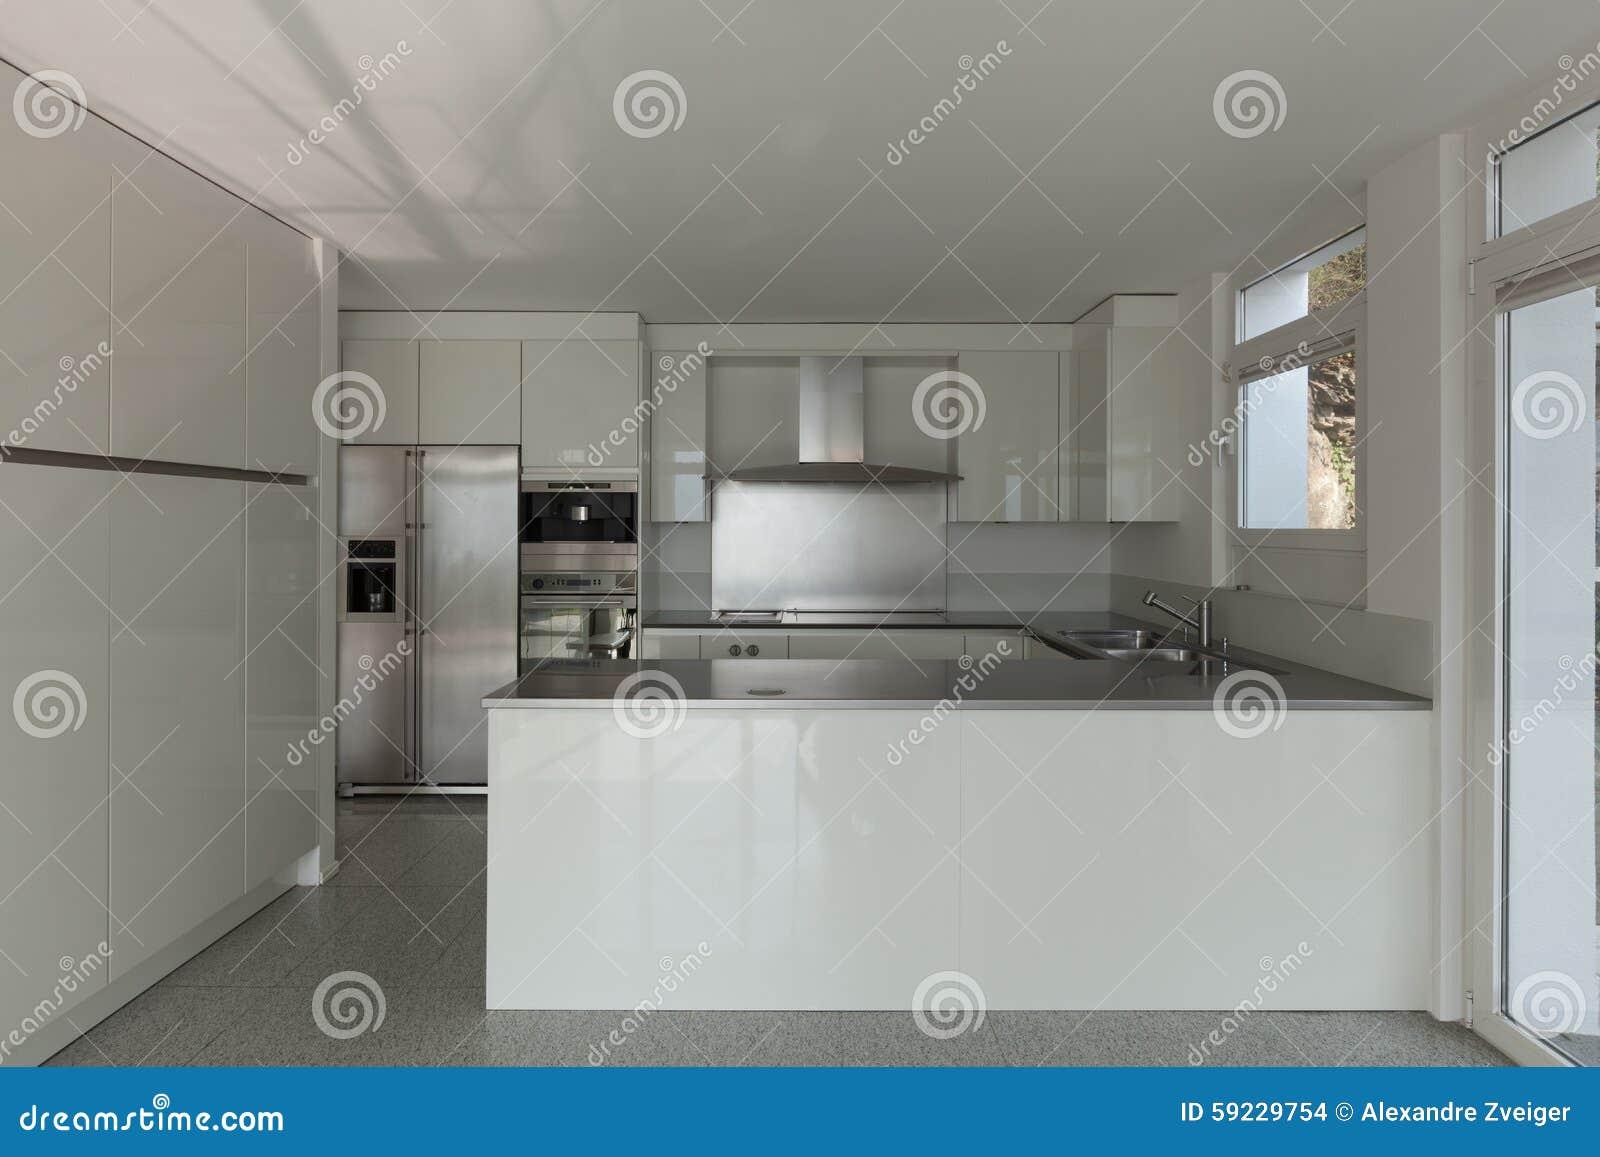 Download Cocina interior, blanca foto de archivo. Imagen de vacío - 59229754